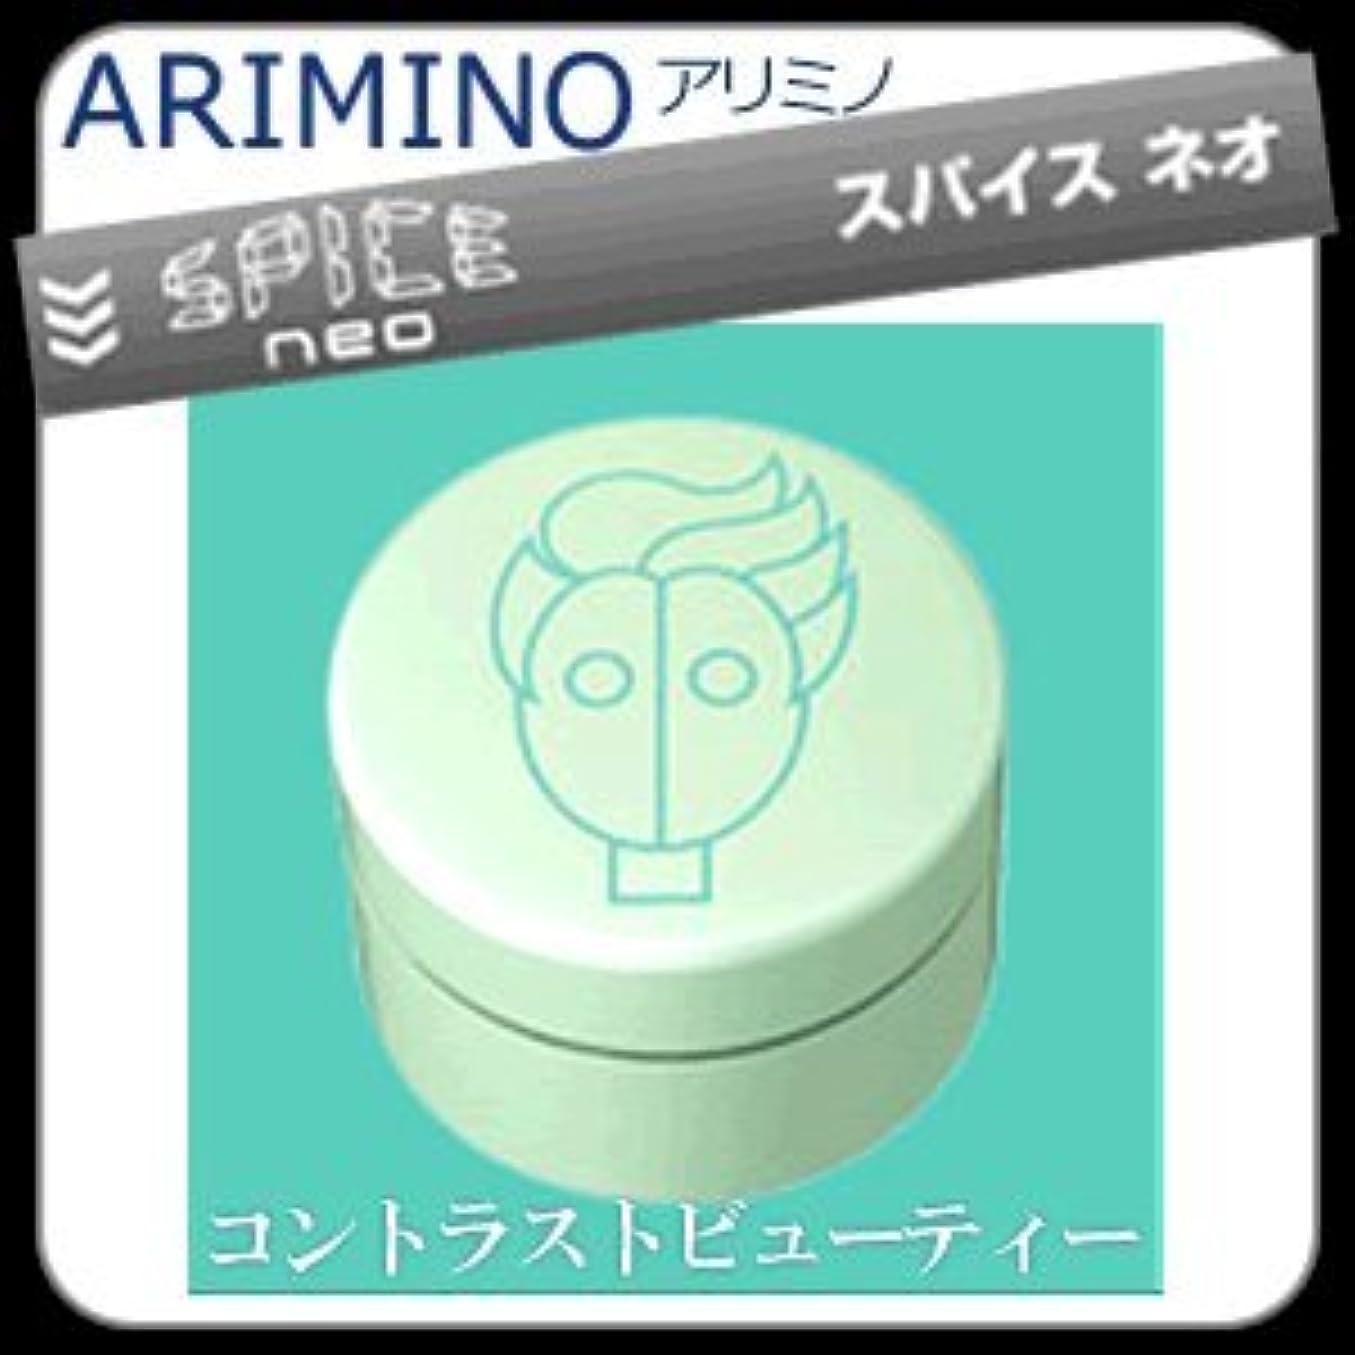 静けさ肌寒い終わり【X4個セット】 アリミノ スパイスネオ GREASE-WAX グリースワックス 100g ARIMINO SPICE neo